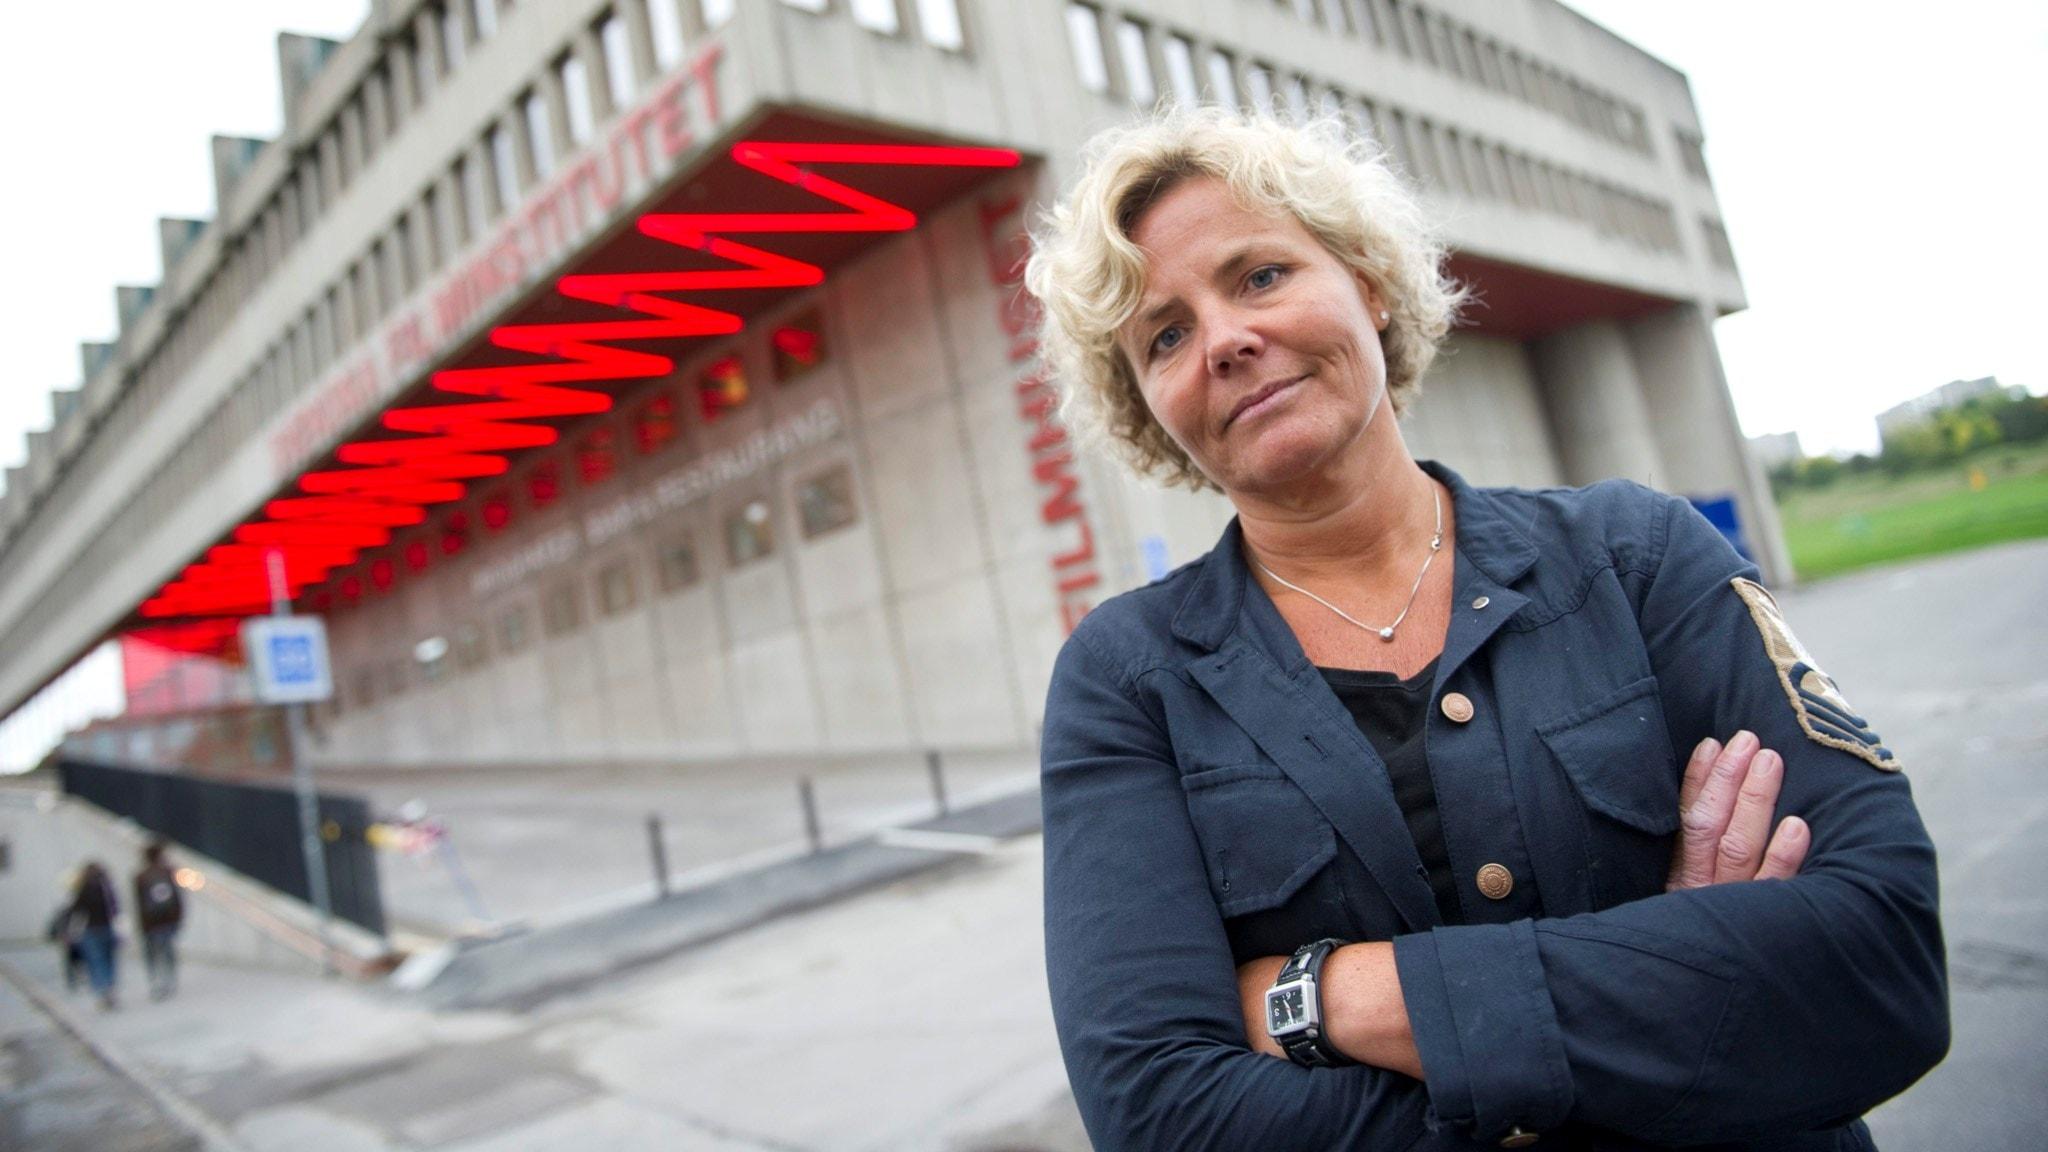 Erik träffar Filminstitutets VD som kämpar för att få ekonomi i svensk film